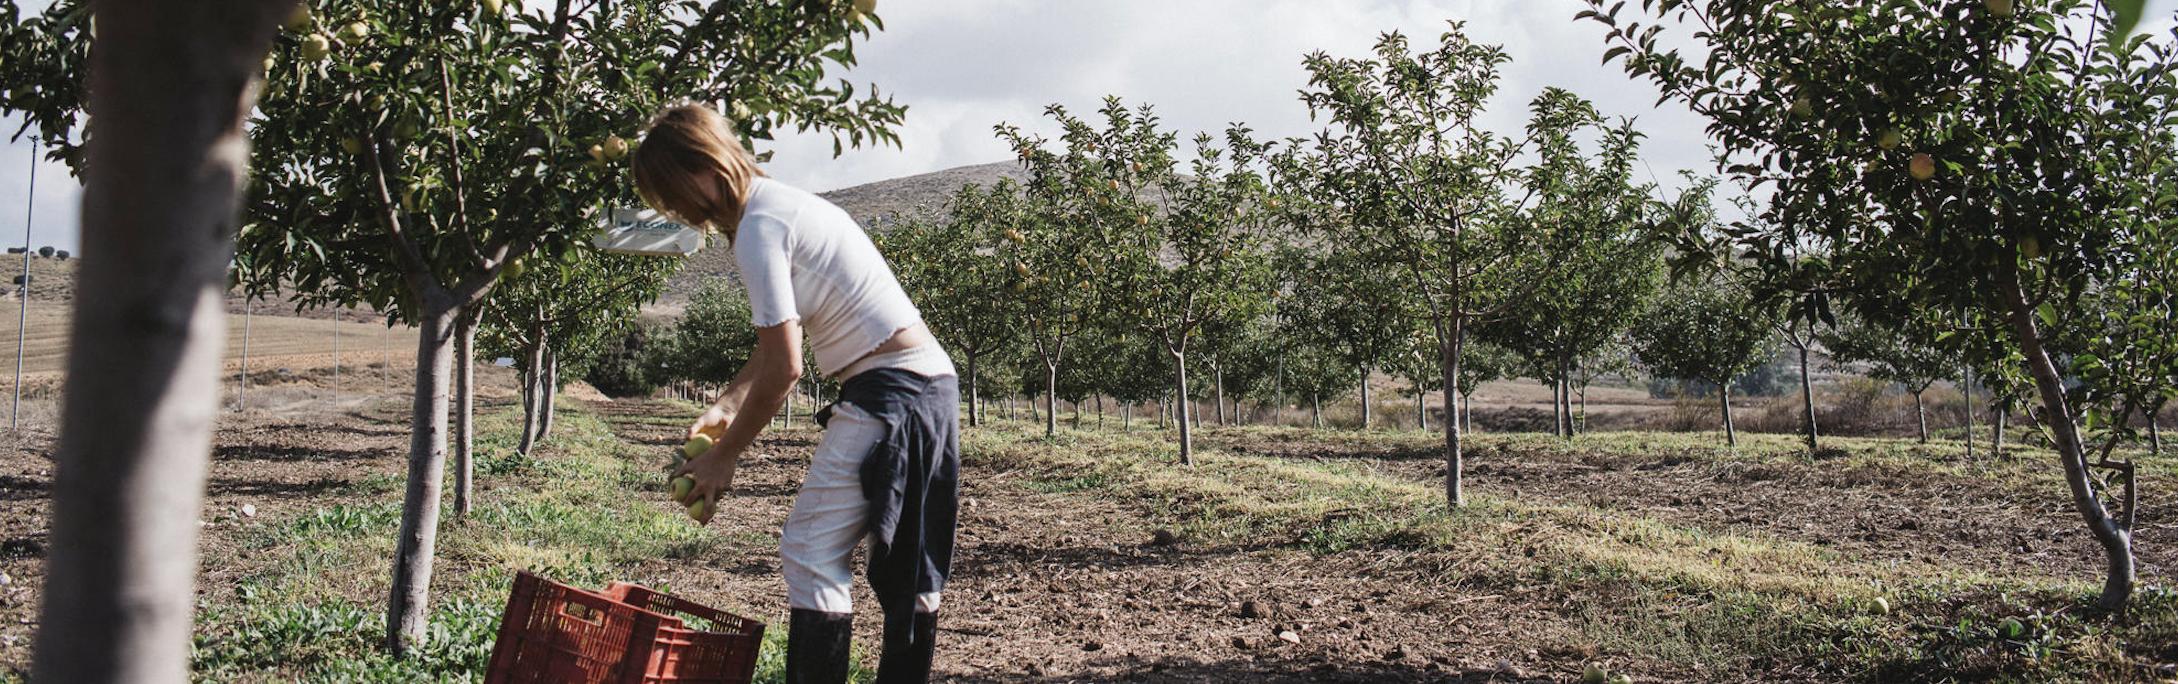 8d73a5a8 0870 4788 8bbf 12a0f1ab7469 - Patagonia lance sa campagne sur l'agriculture biologique régénératrice